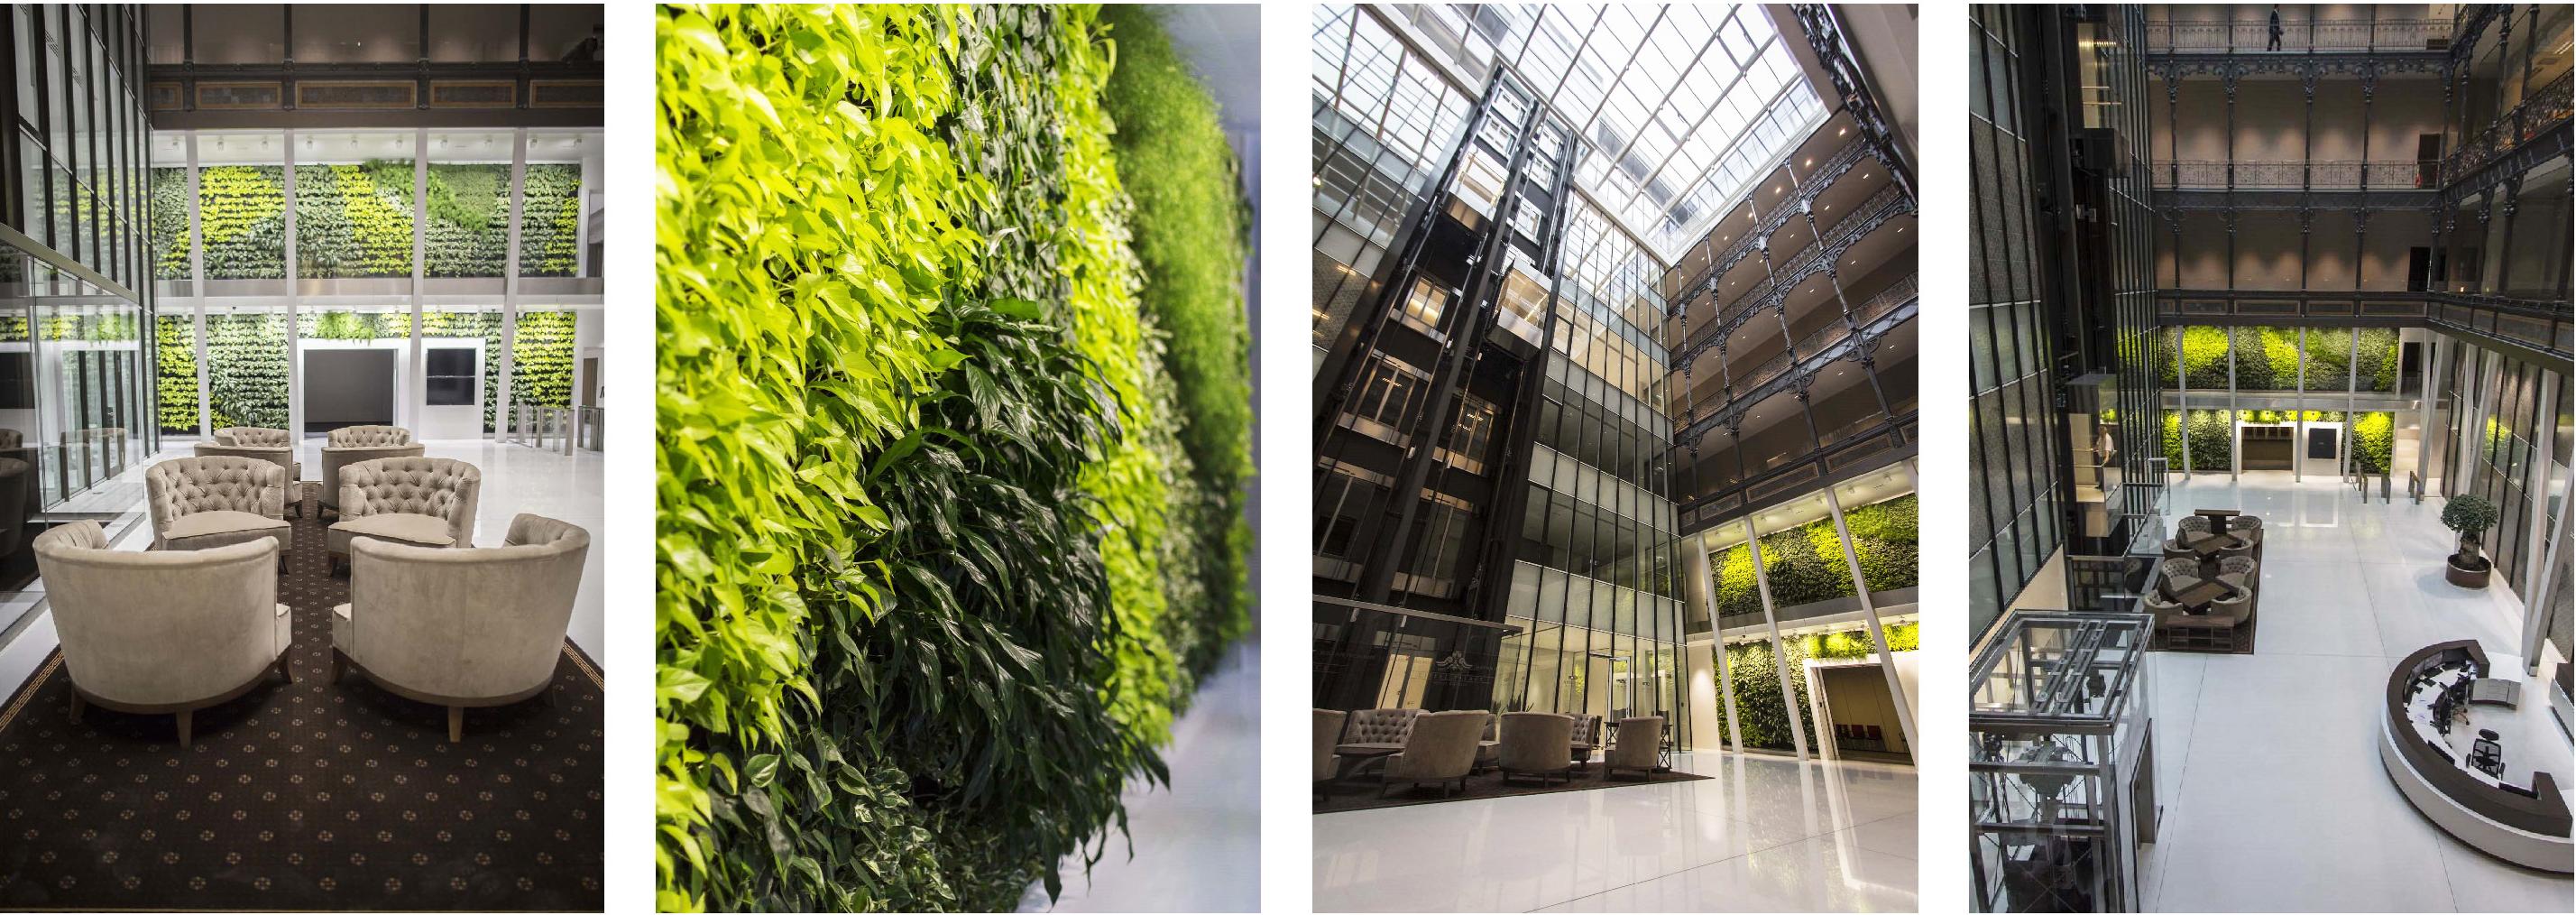 El edificio verde mejor dise ado de europa idealista news for Idealista puertas verdes